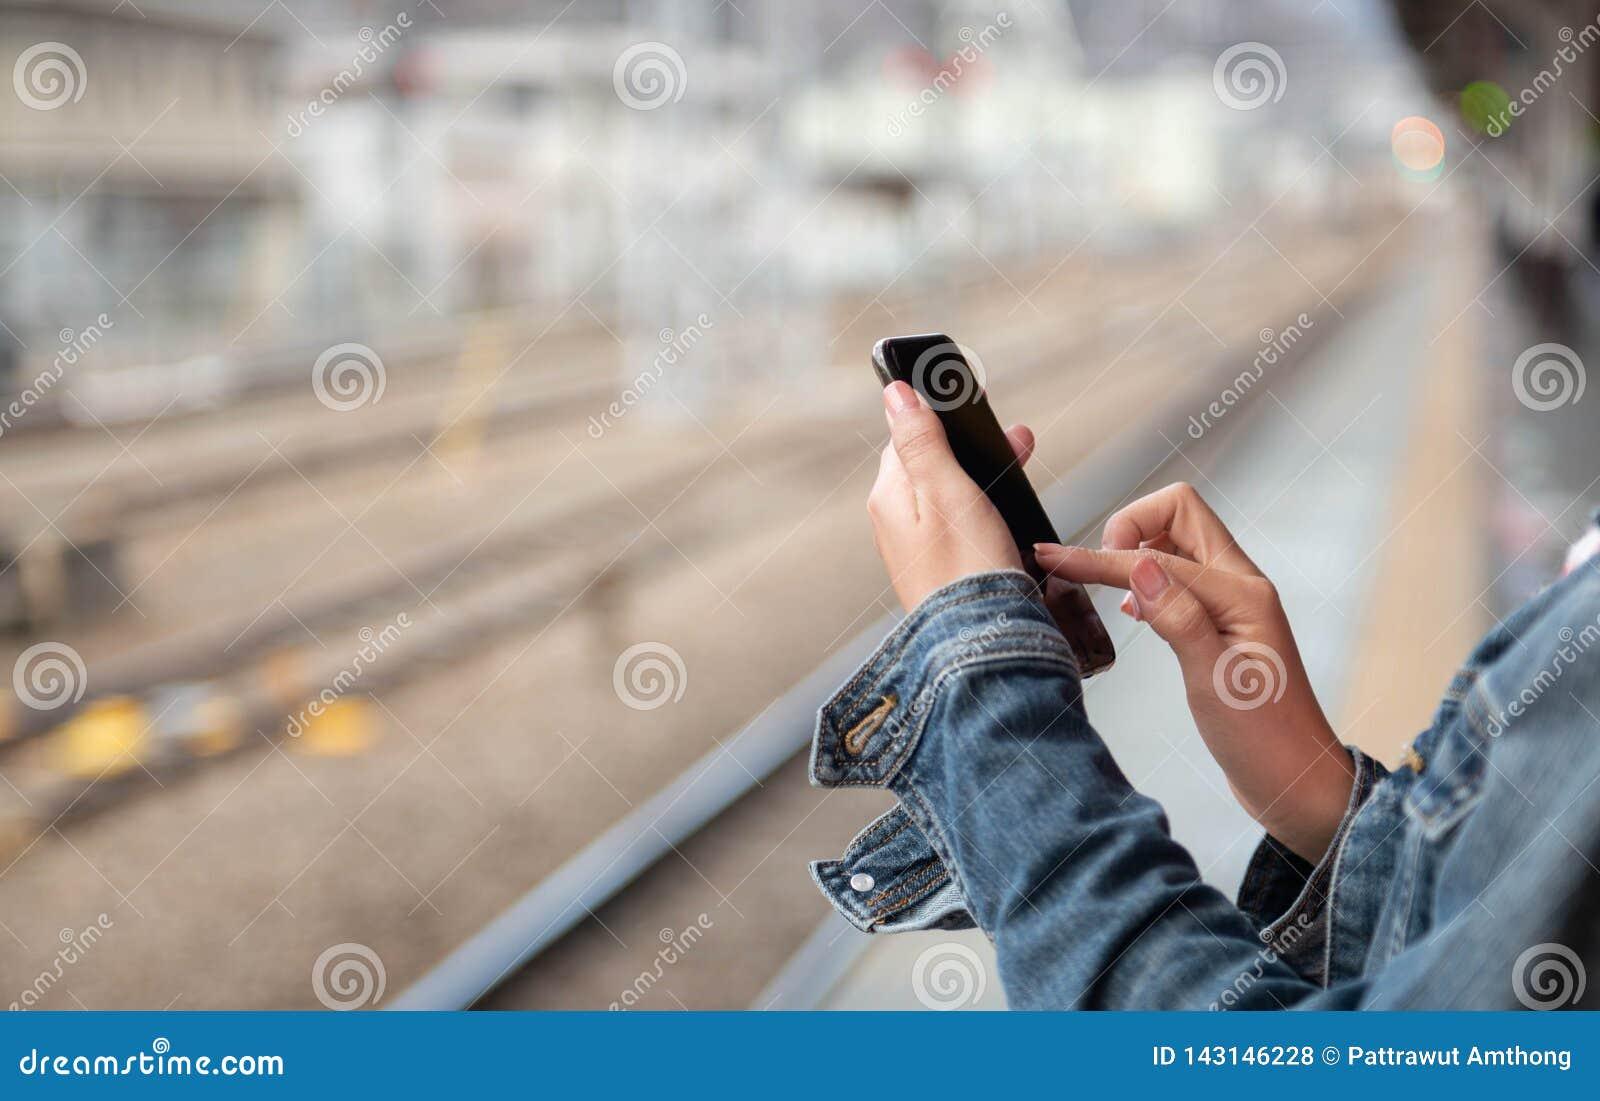 Женщина читает текстовое сообщение на мобильном телефоне